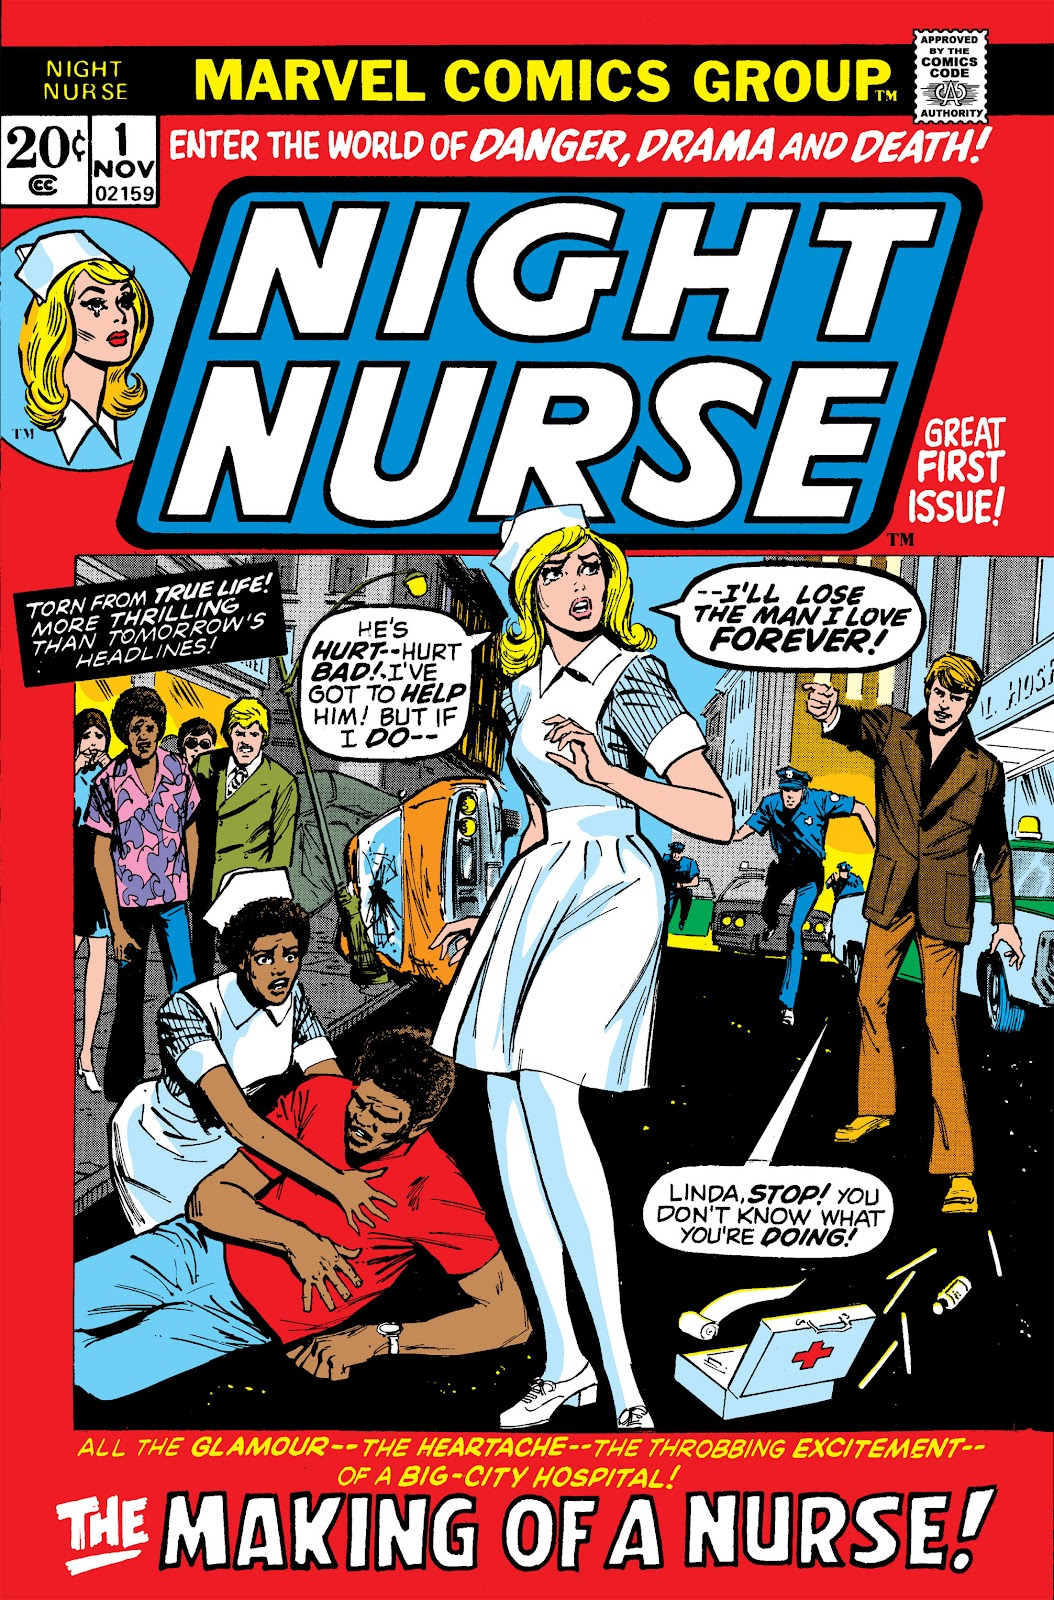 Night Nurse (1972) issue 1 - Page 1